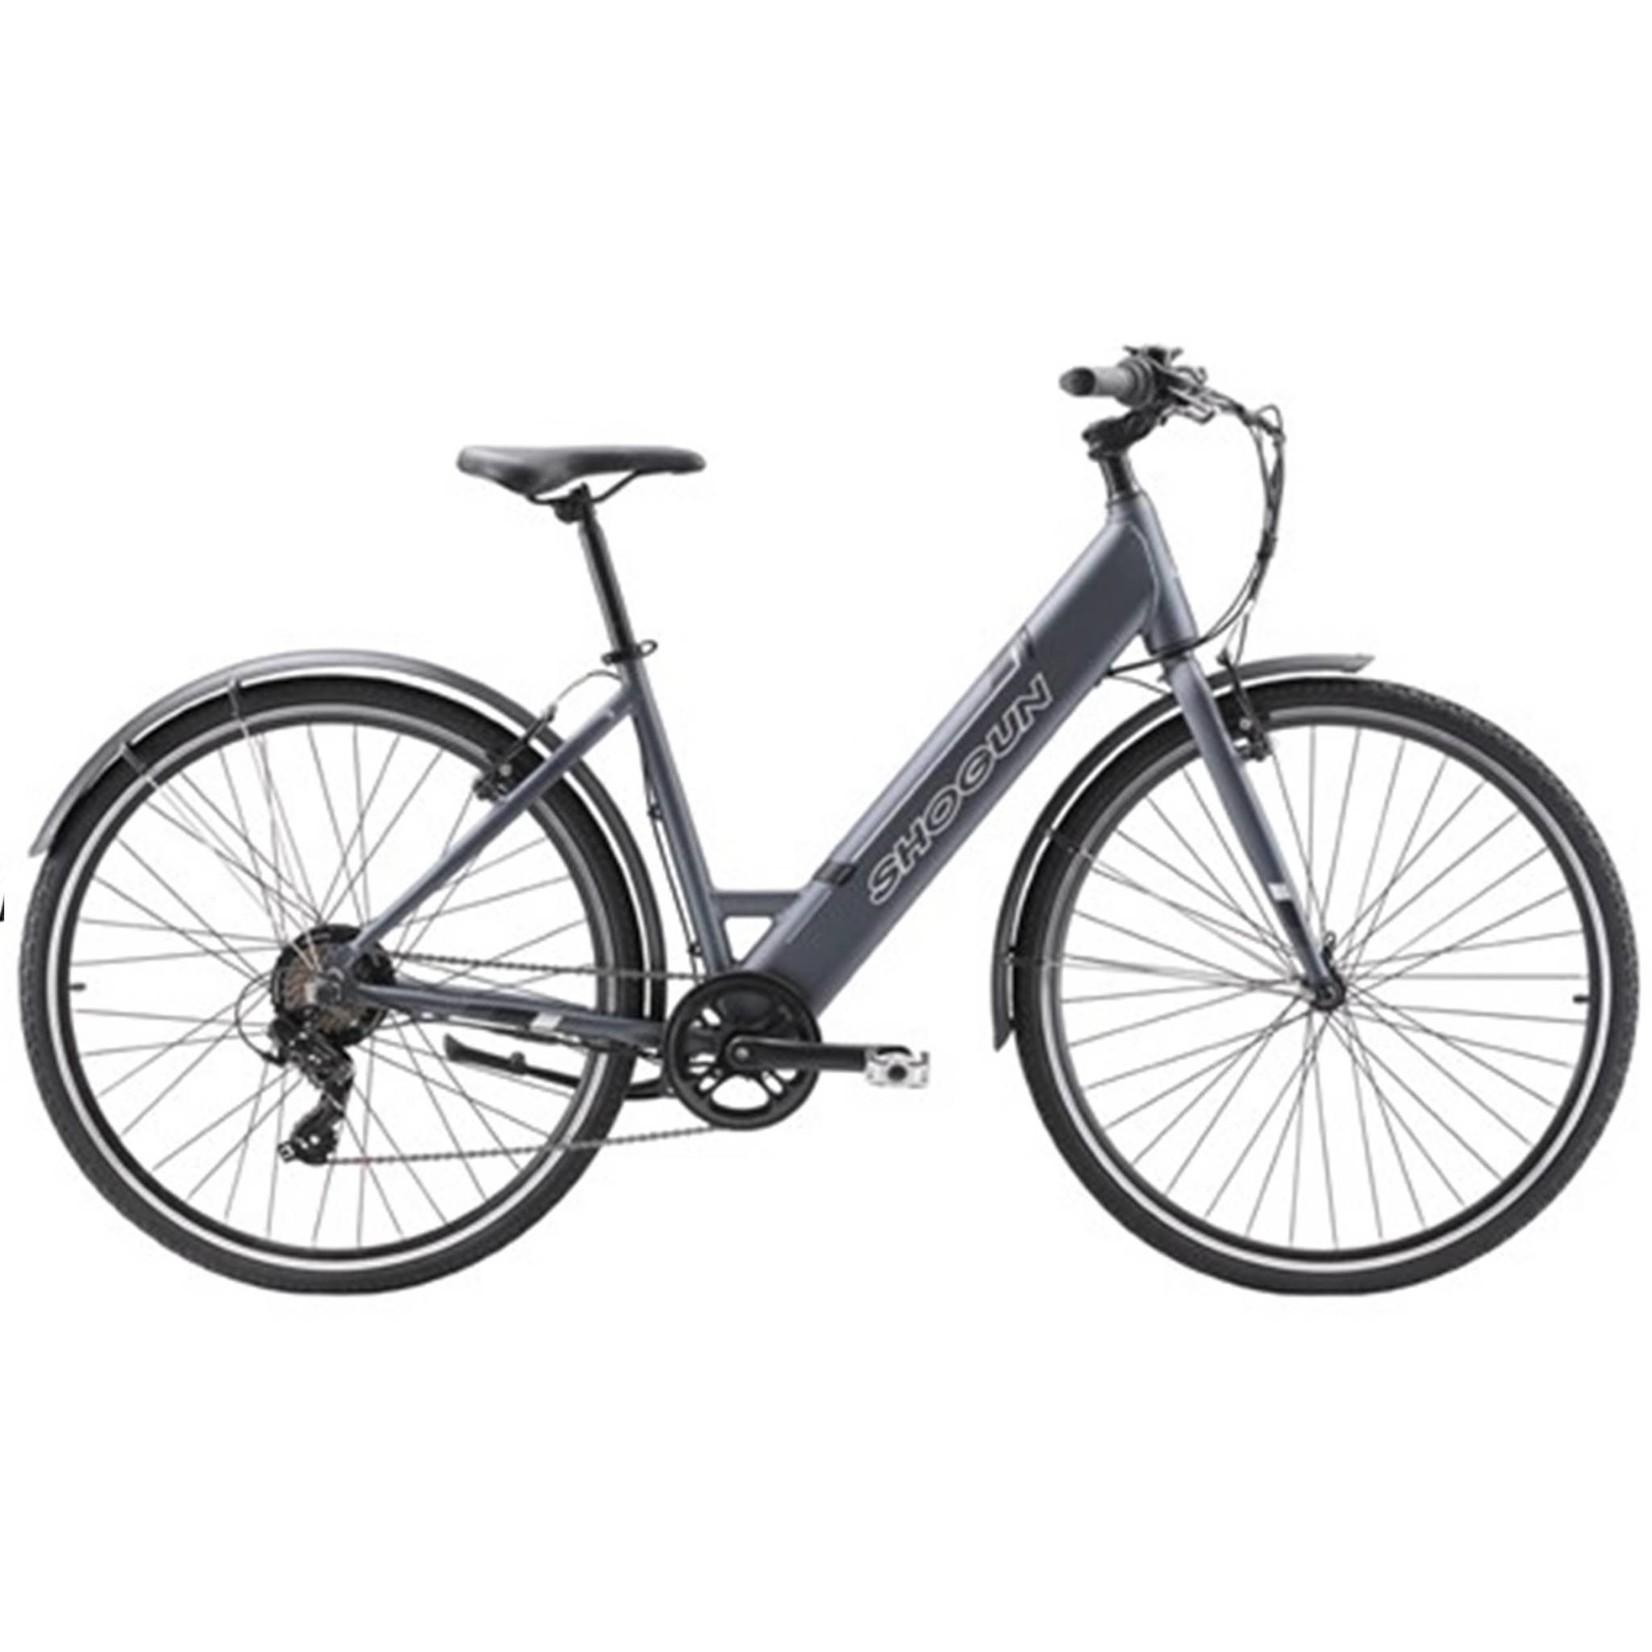 Shogun Shogun EB1 Step Through E-Bike Charcoal